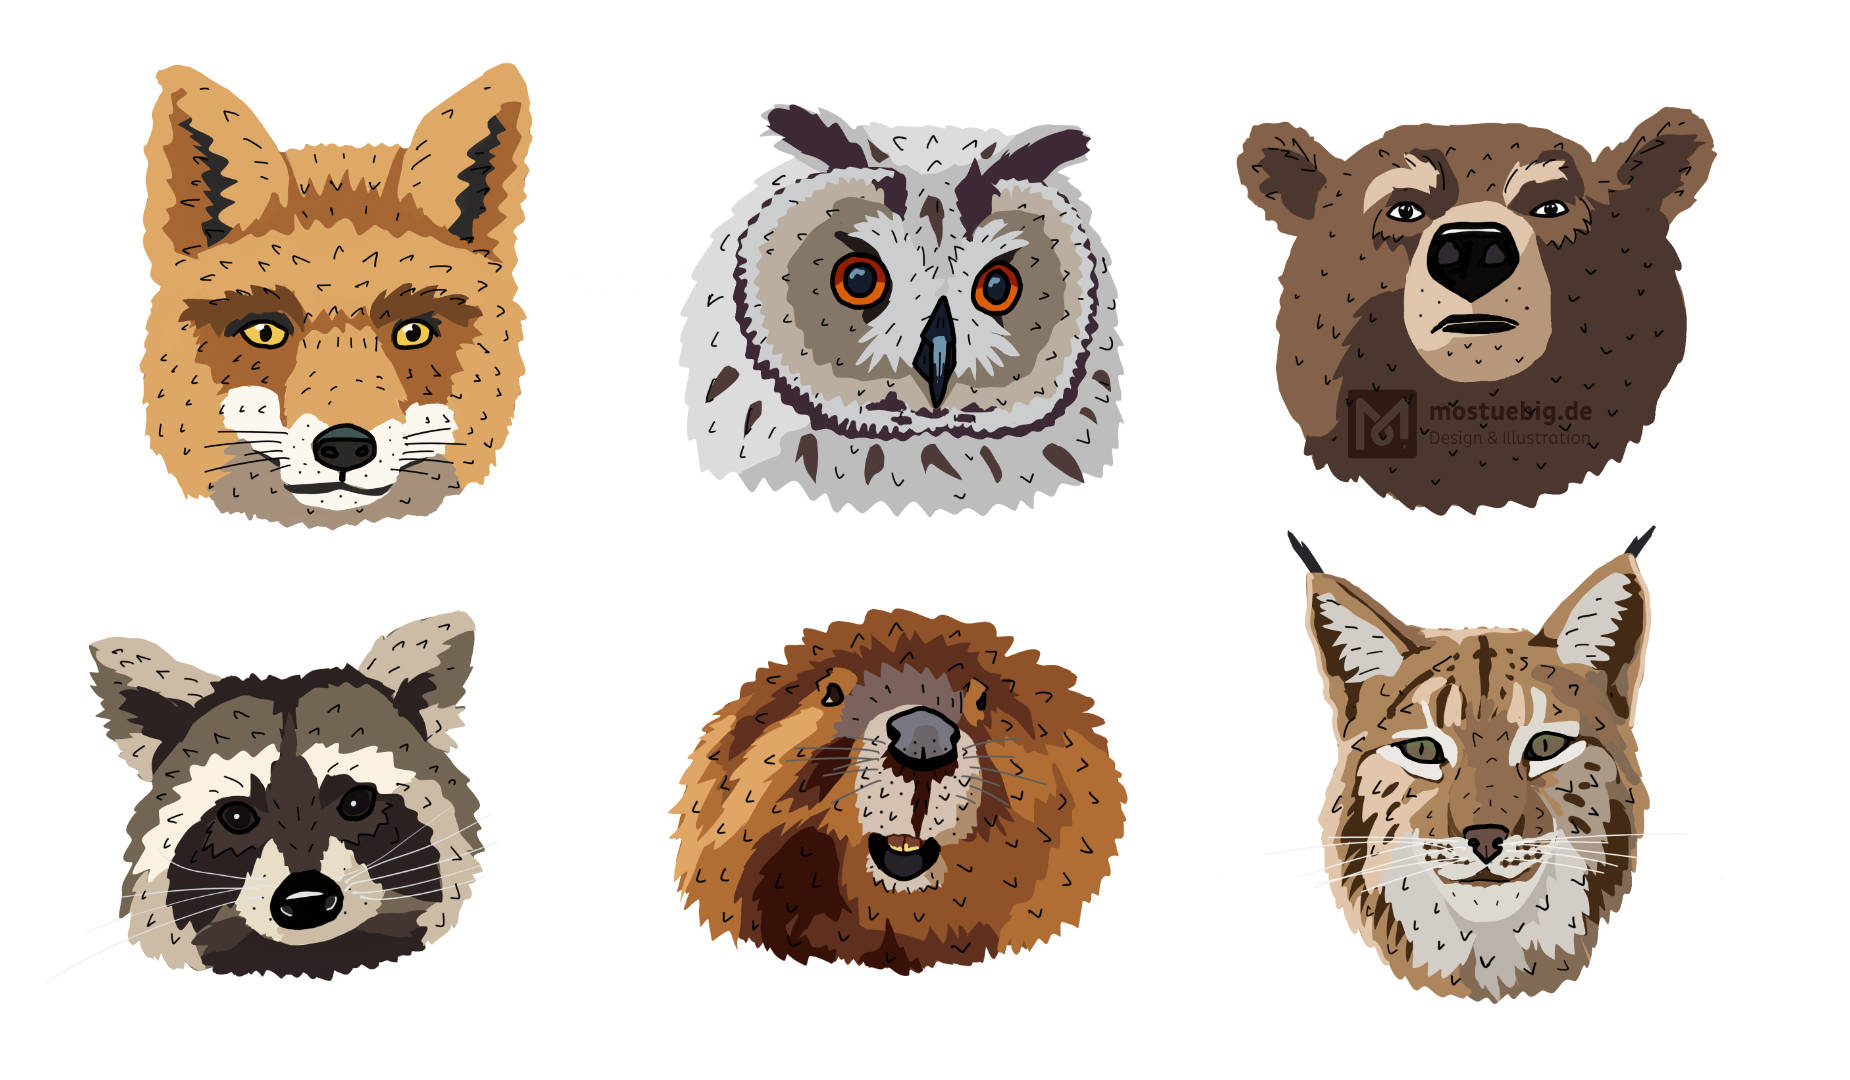 Illustration von 6 Tierköpfen in zwei Reihen. Fuchs, Eule, braunbär, Waschbär, Biber und Luchs